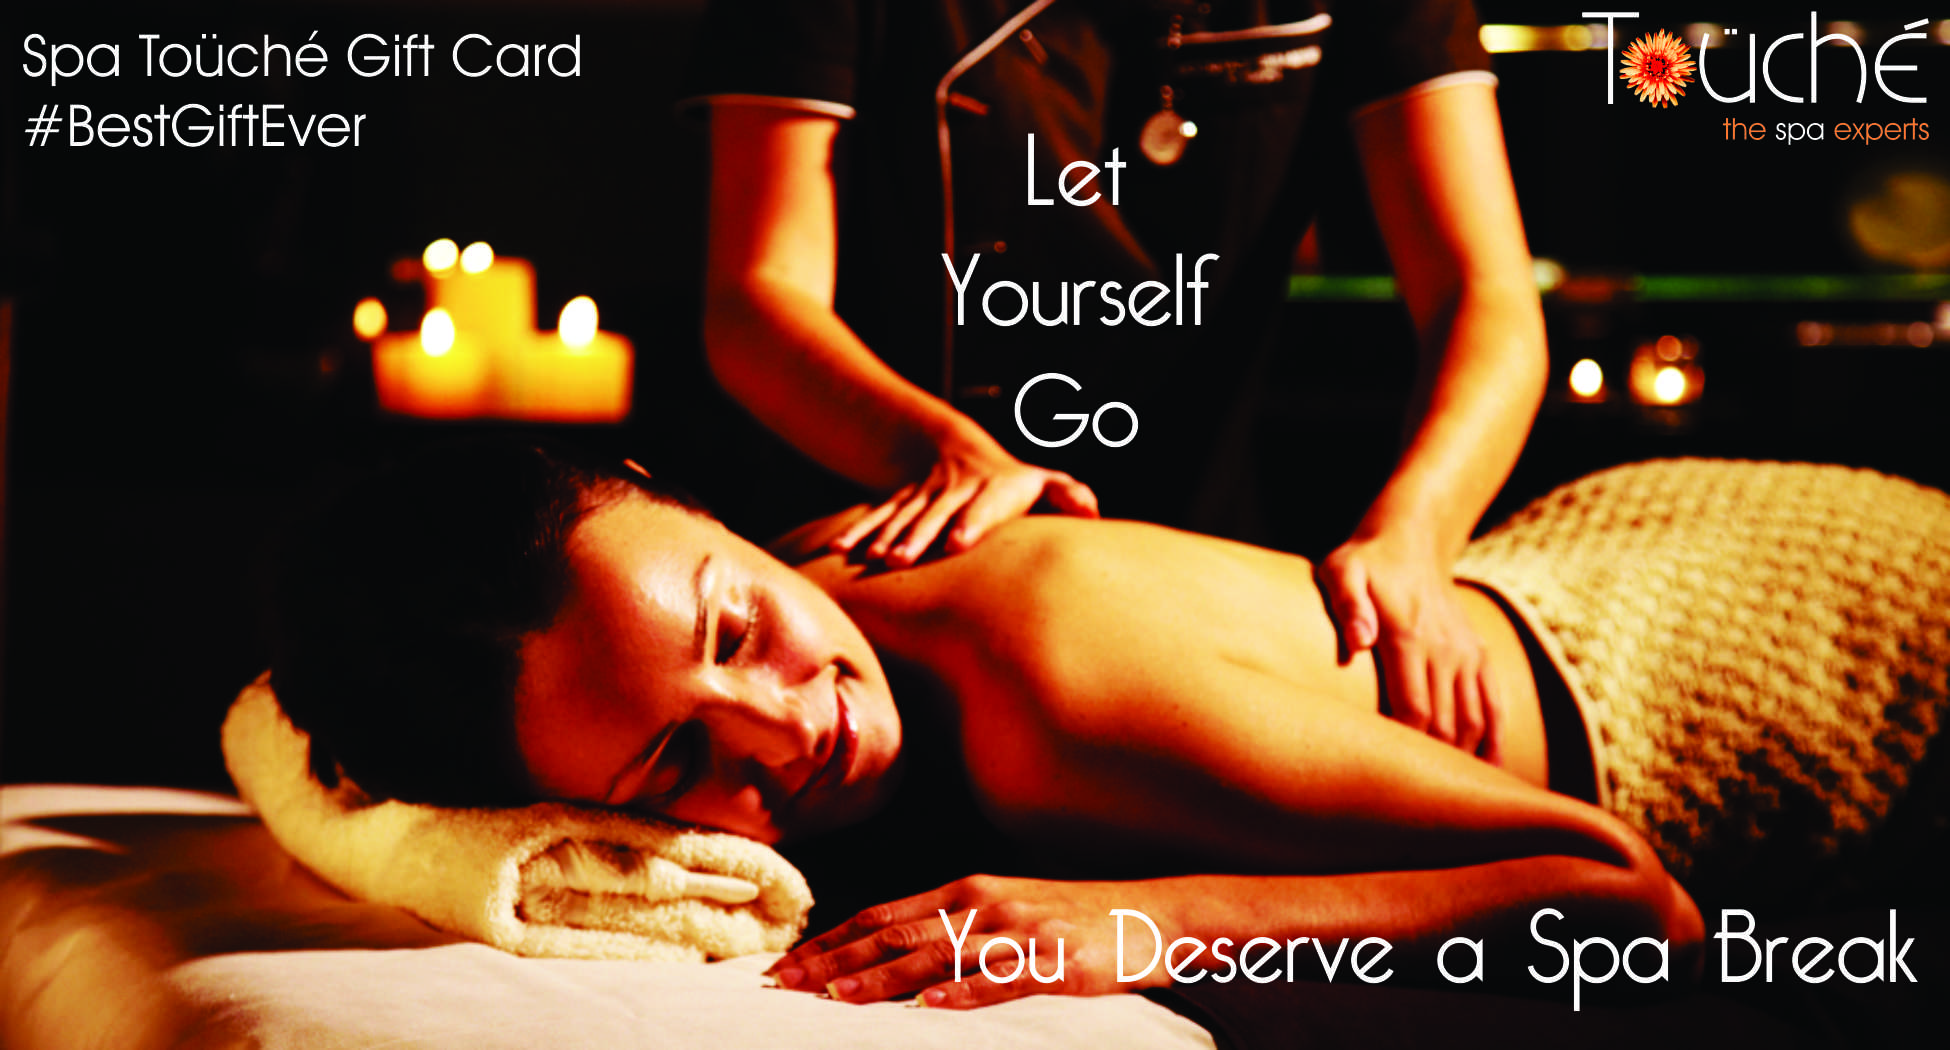 Spa Touche Gift Card6.jpg